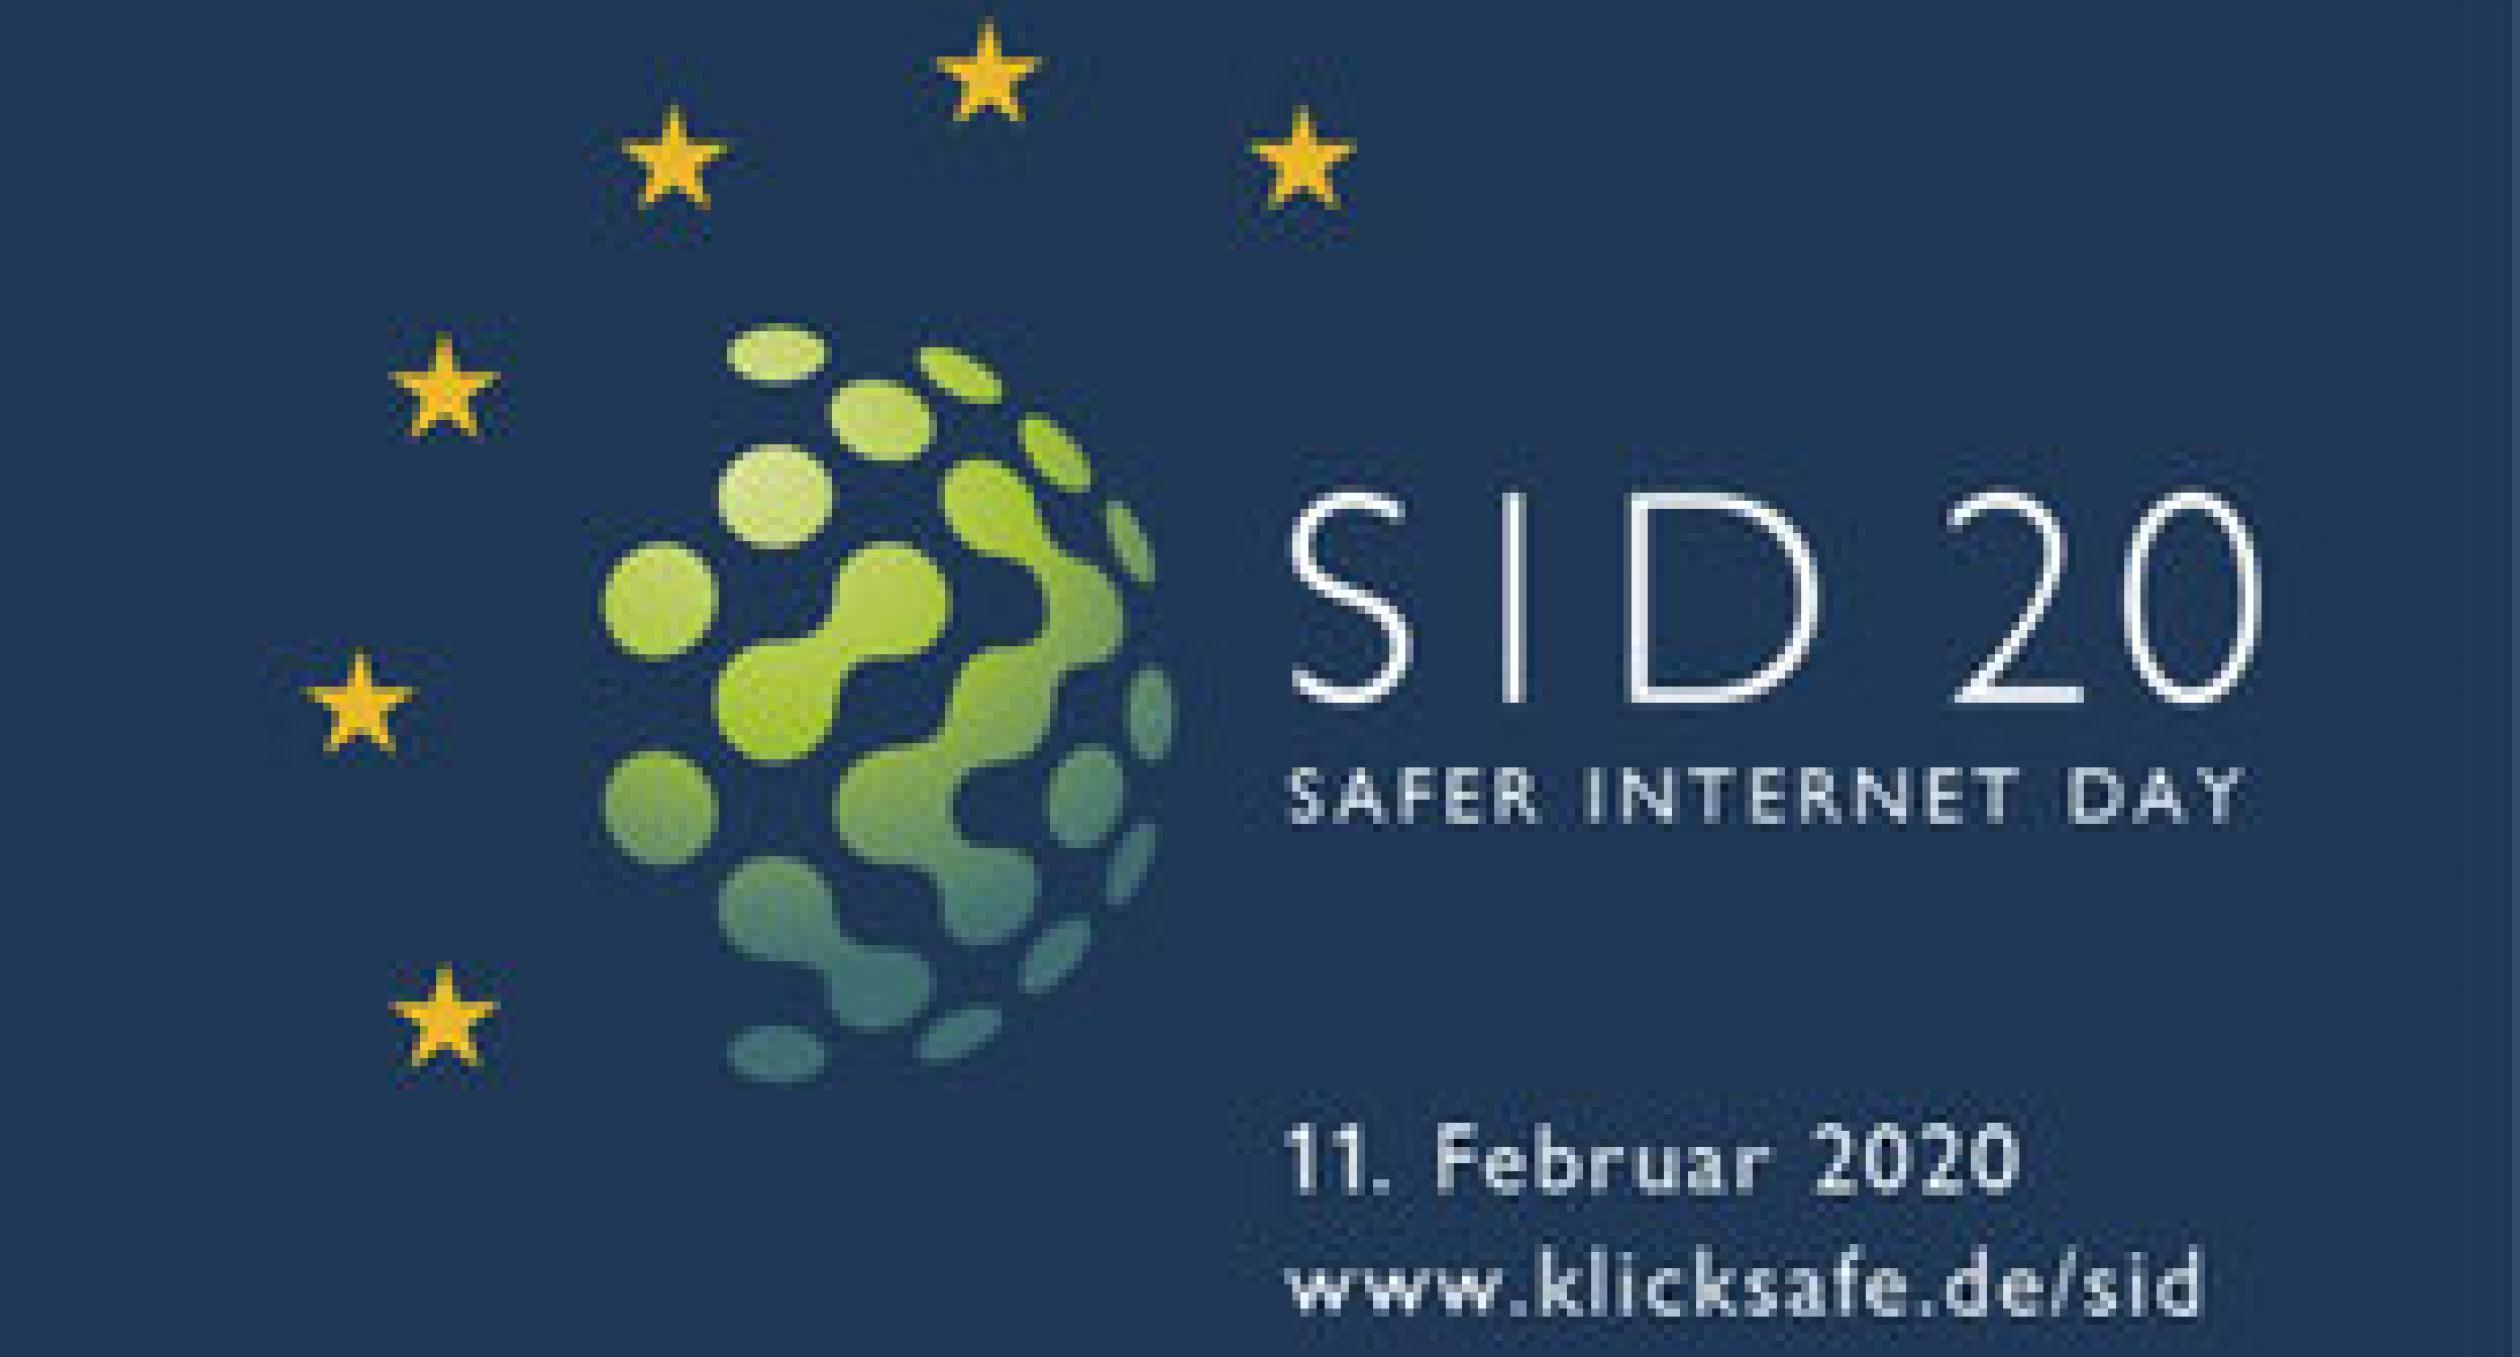 Safer Internet Day 202